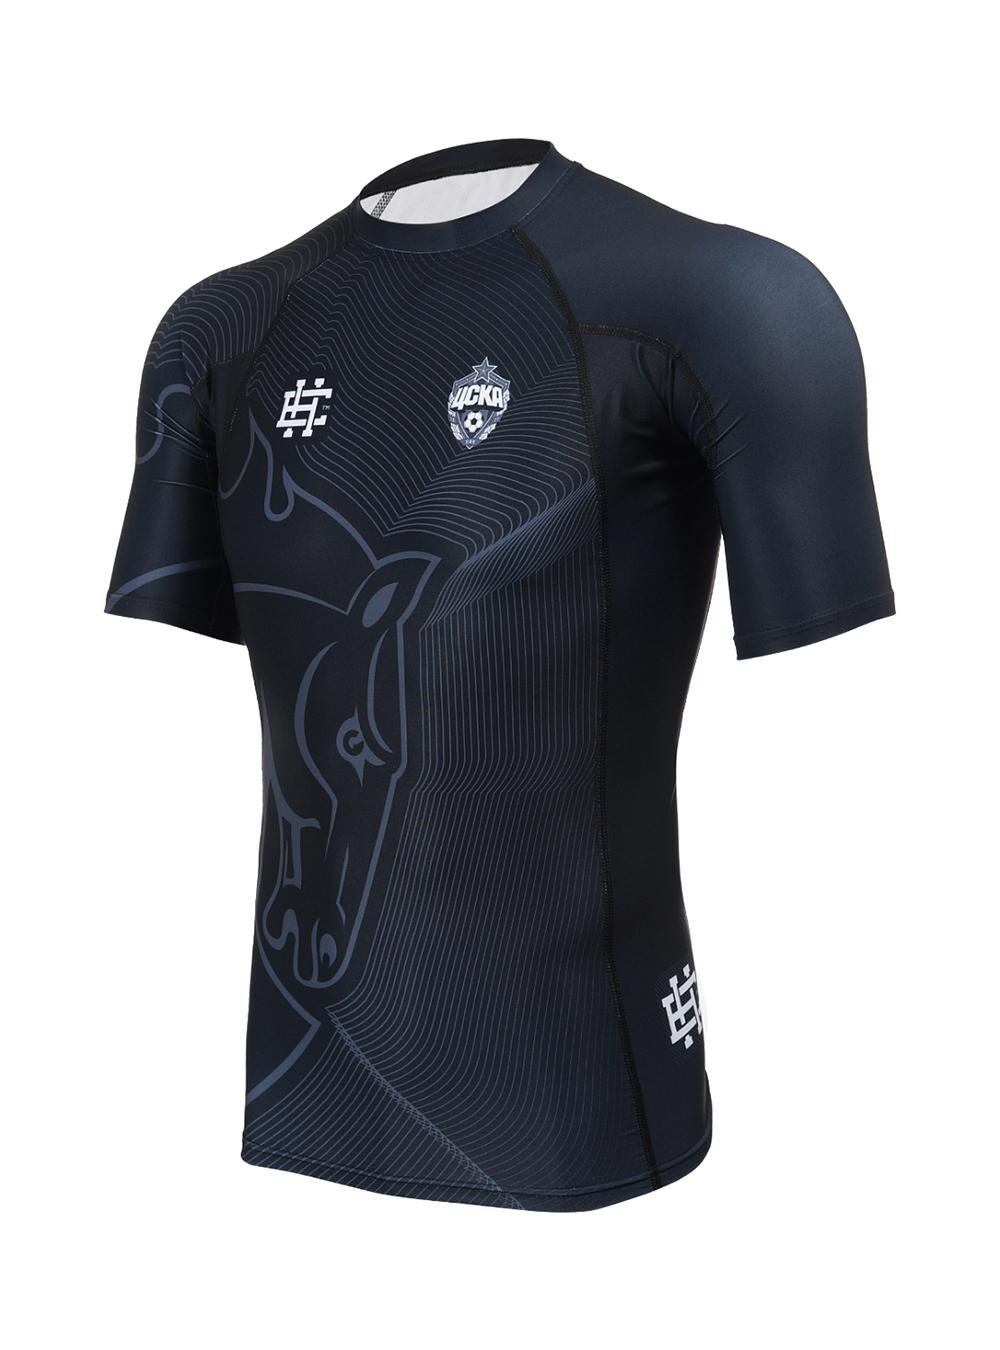 Рашгард мужской с коротким рукавом Талисман черный (L)Одежда для спорта<br>Рашгард мужской с коротким рукавом Талисман черный<br>